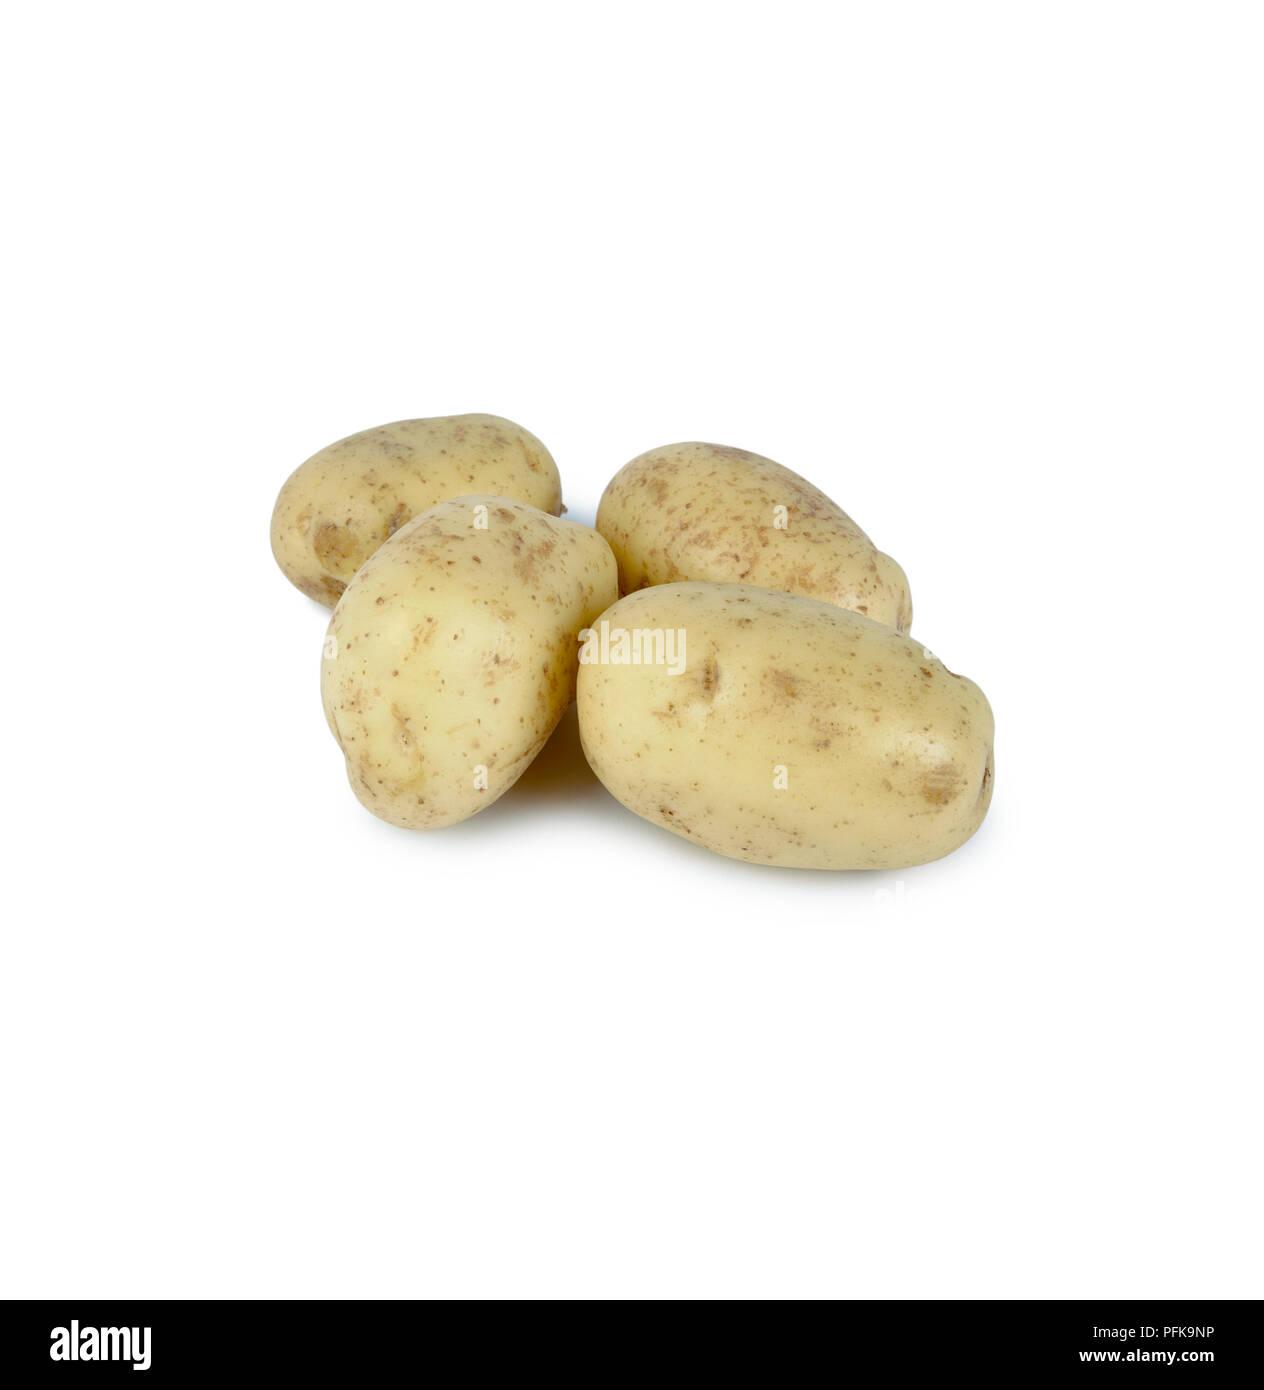 Potatoes 'Vivaldi', grown in Great Britain - Stock Image